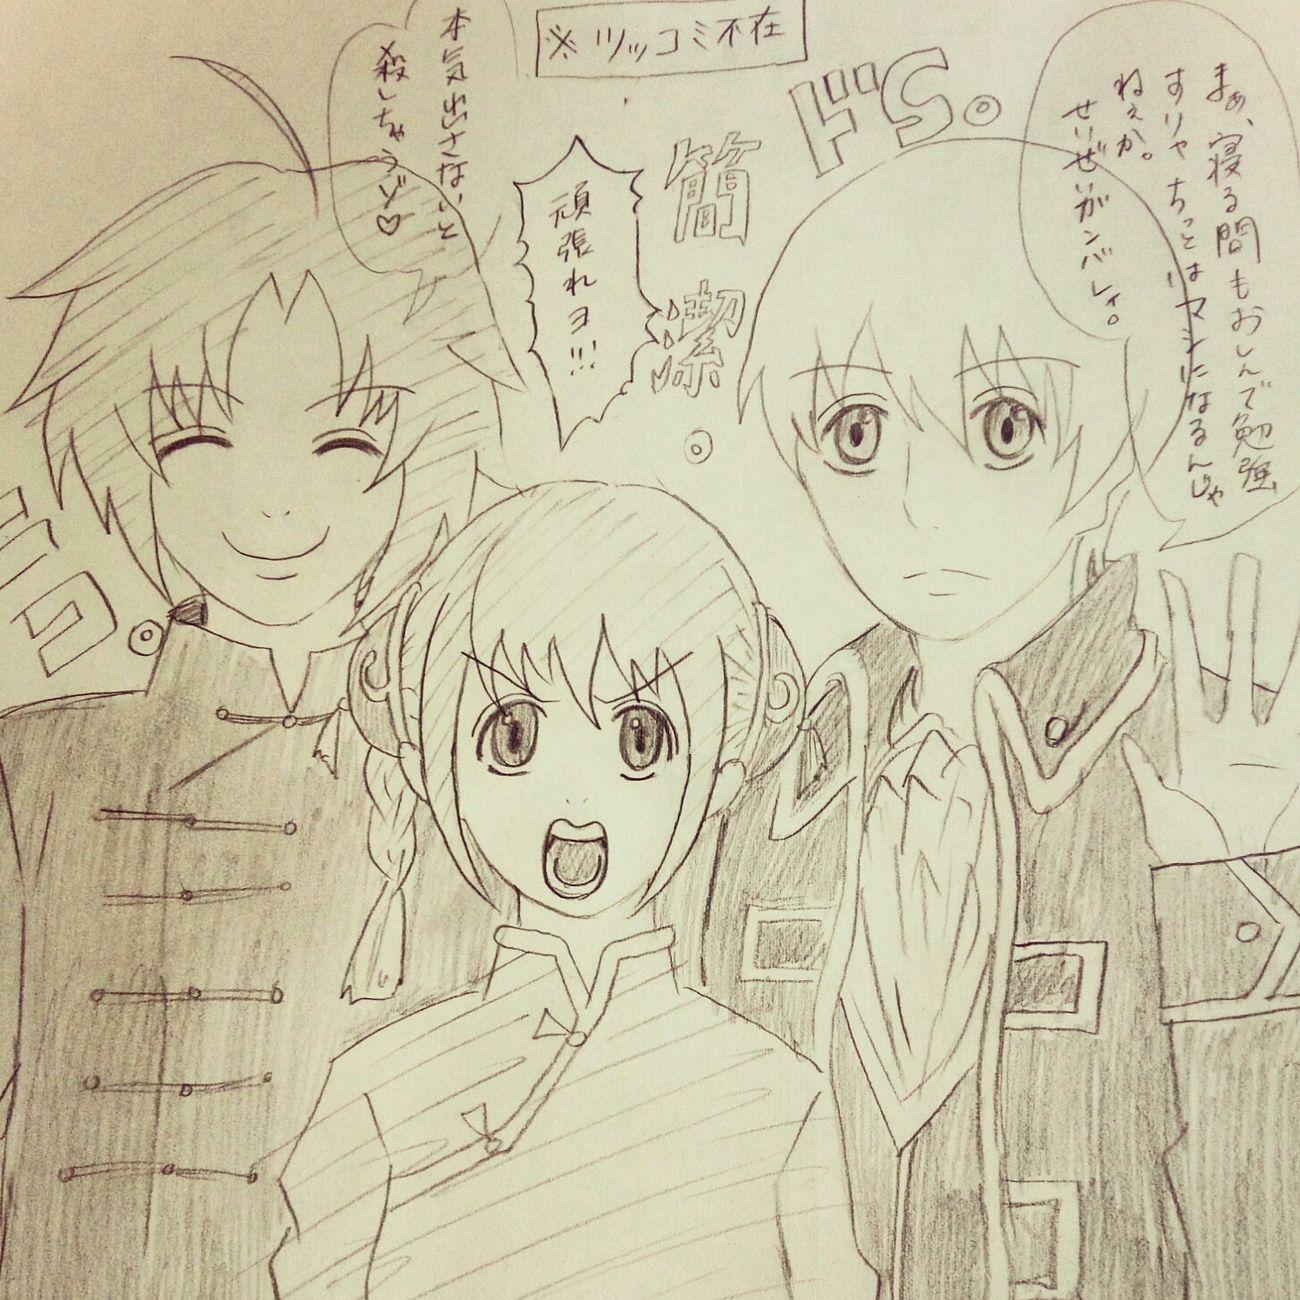 Instagramの受験生フォロワー様に送らせていただきました。応援のつもり。 Anime Comic Gintama Illust 漫画 銀魂 絵